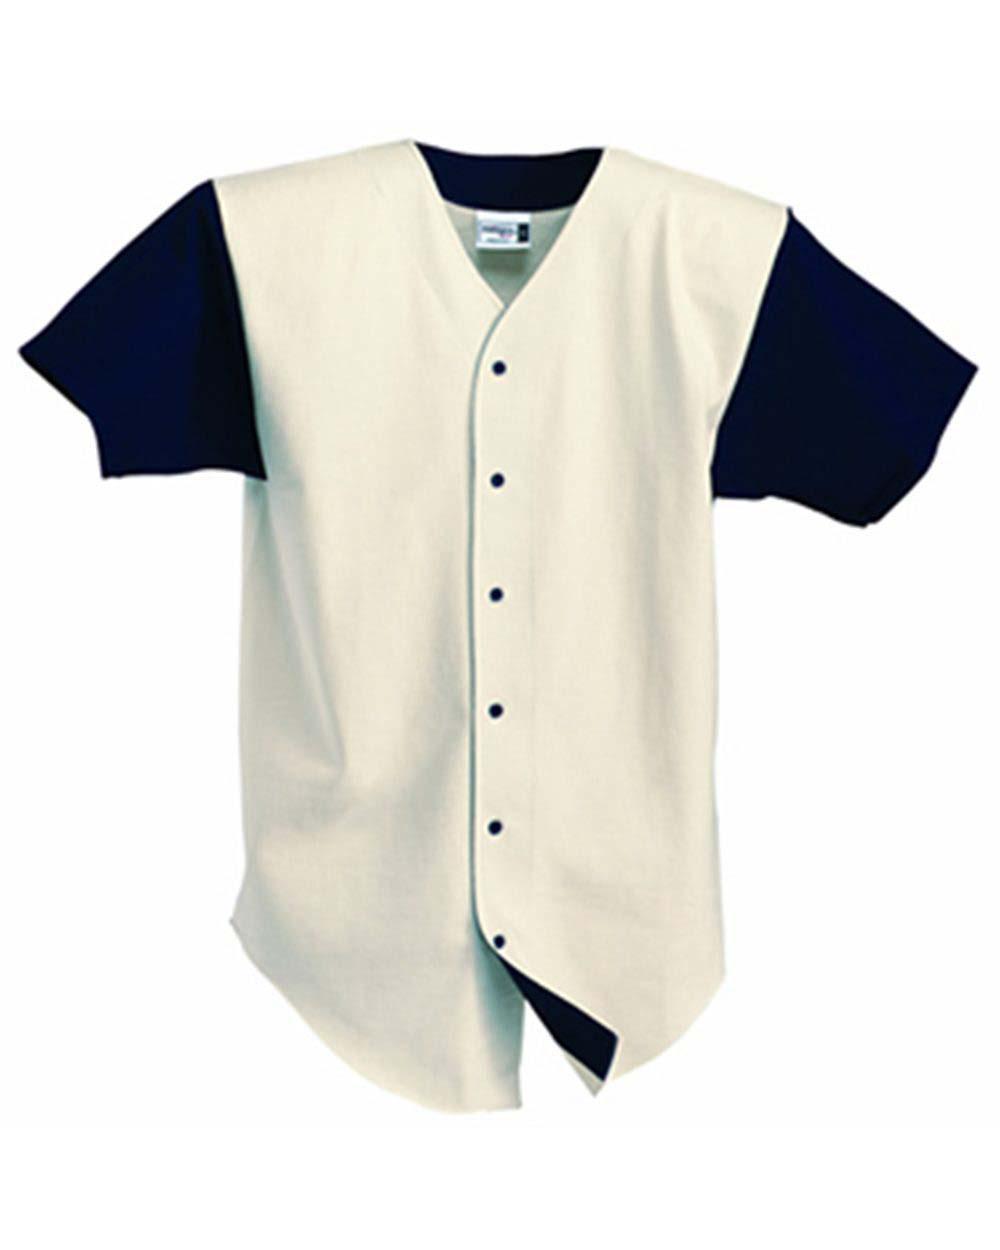 Cheap Button Up Short Sleeve Baseball Shirt Buy Button